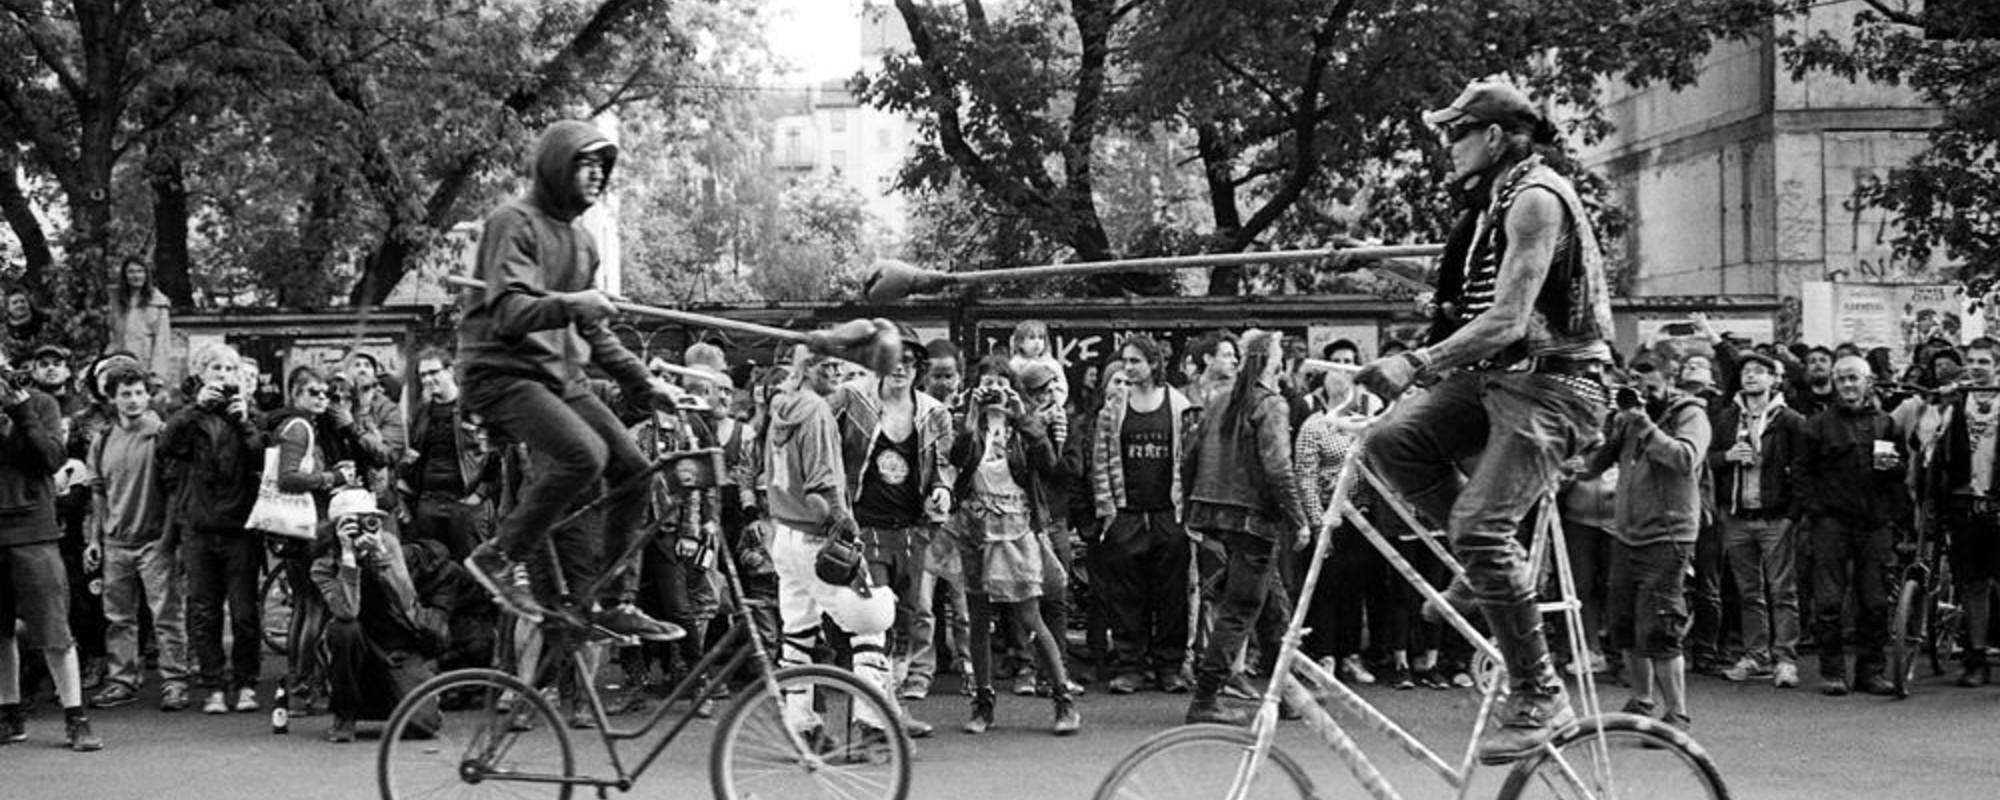 Fotografii cu Războiul cu Biciclete din Berlin